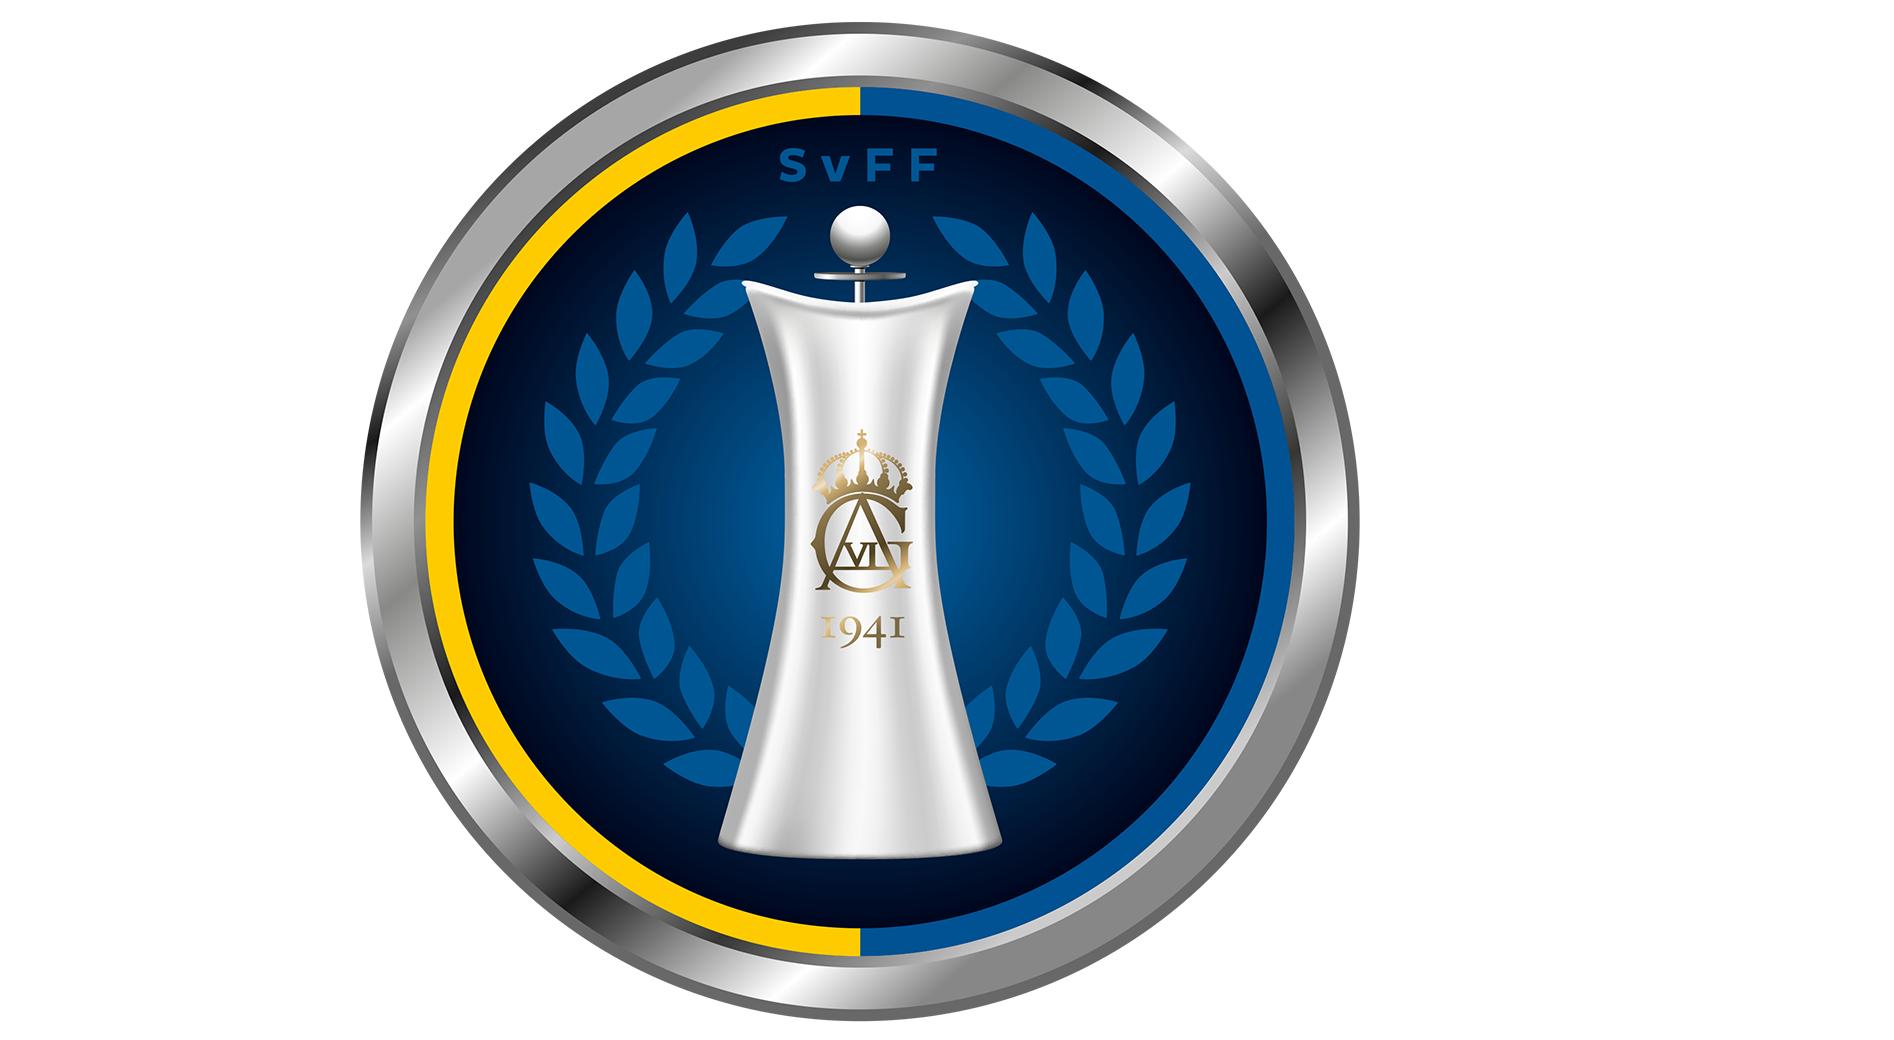 Slutspel i Svenska cupen